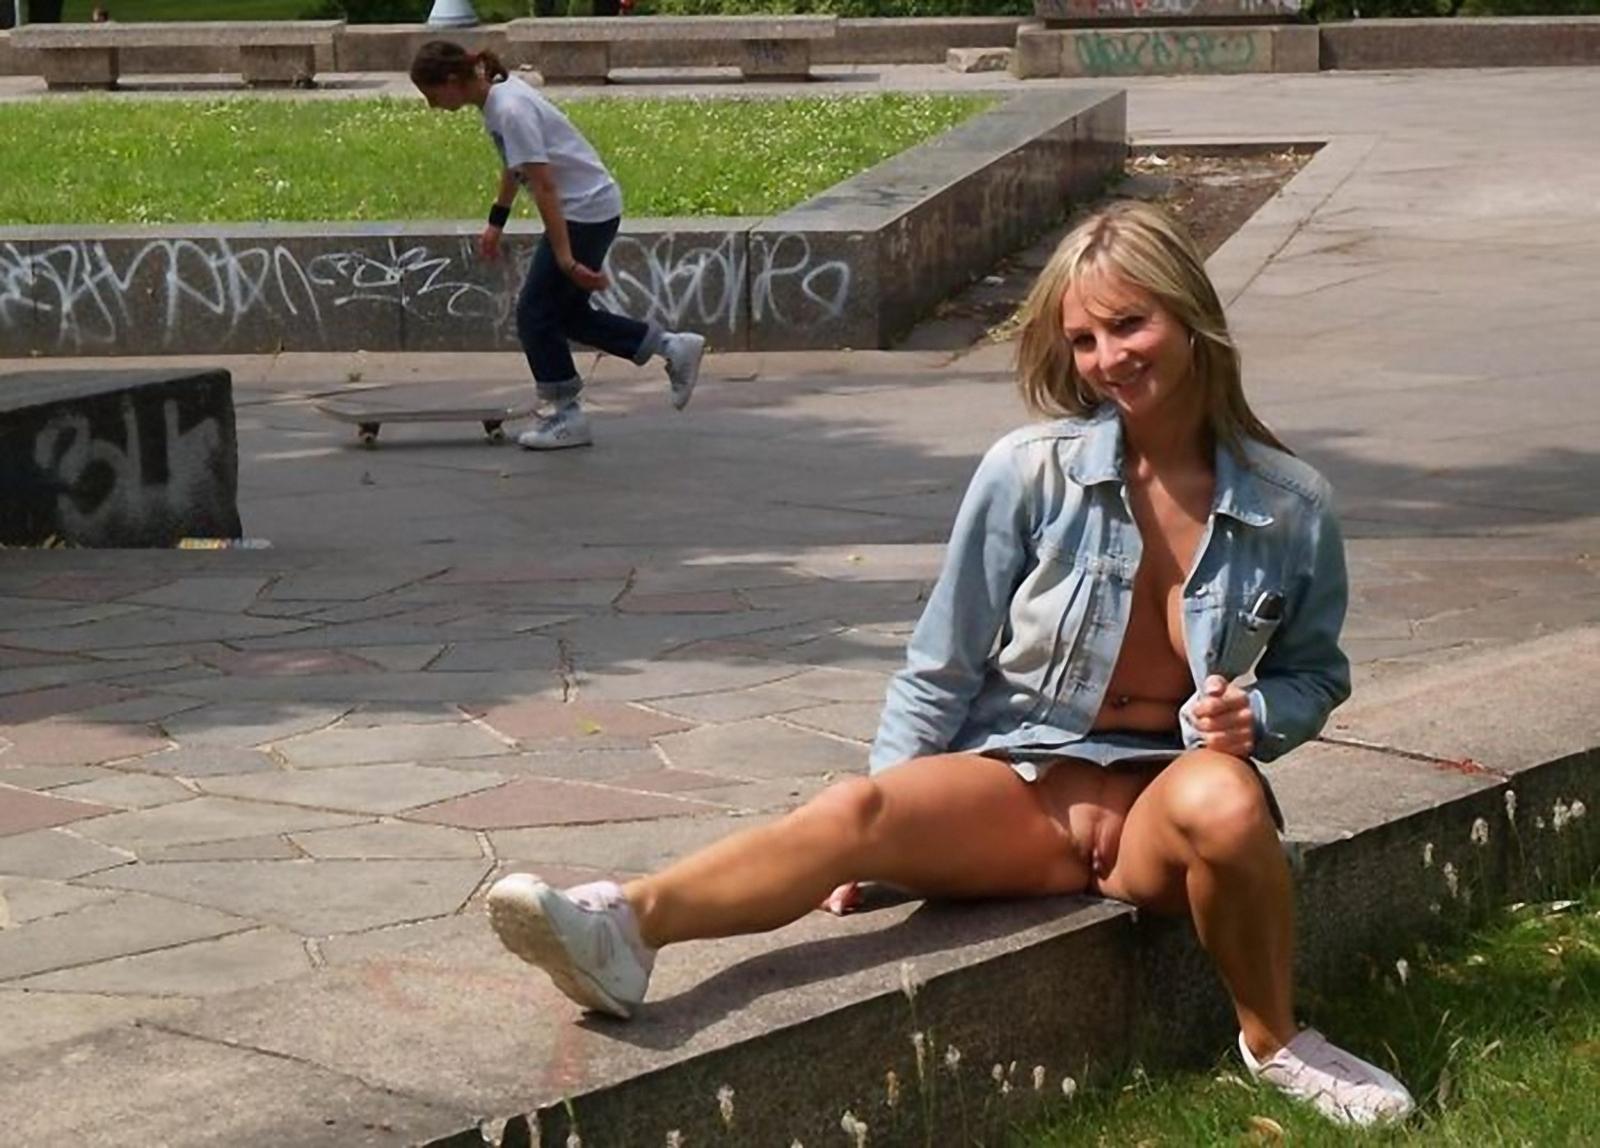 Эротика в городских парках 7 фотография